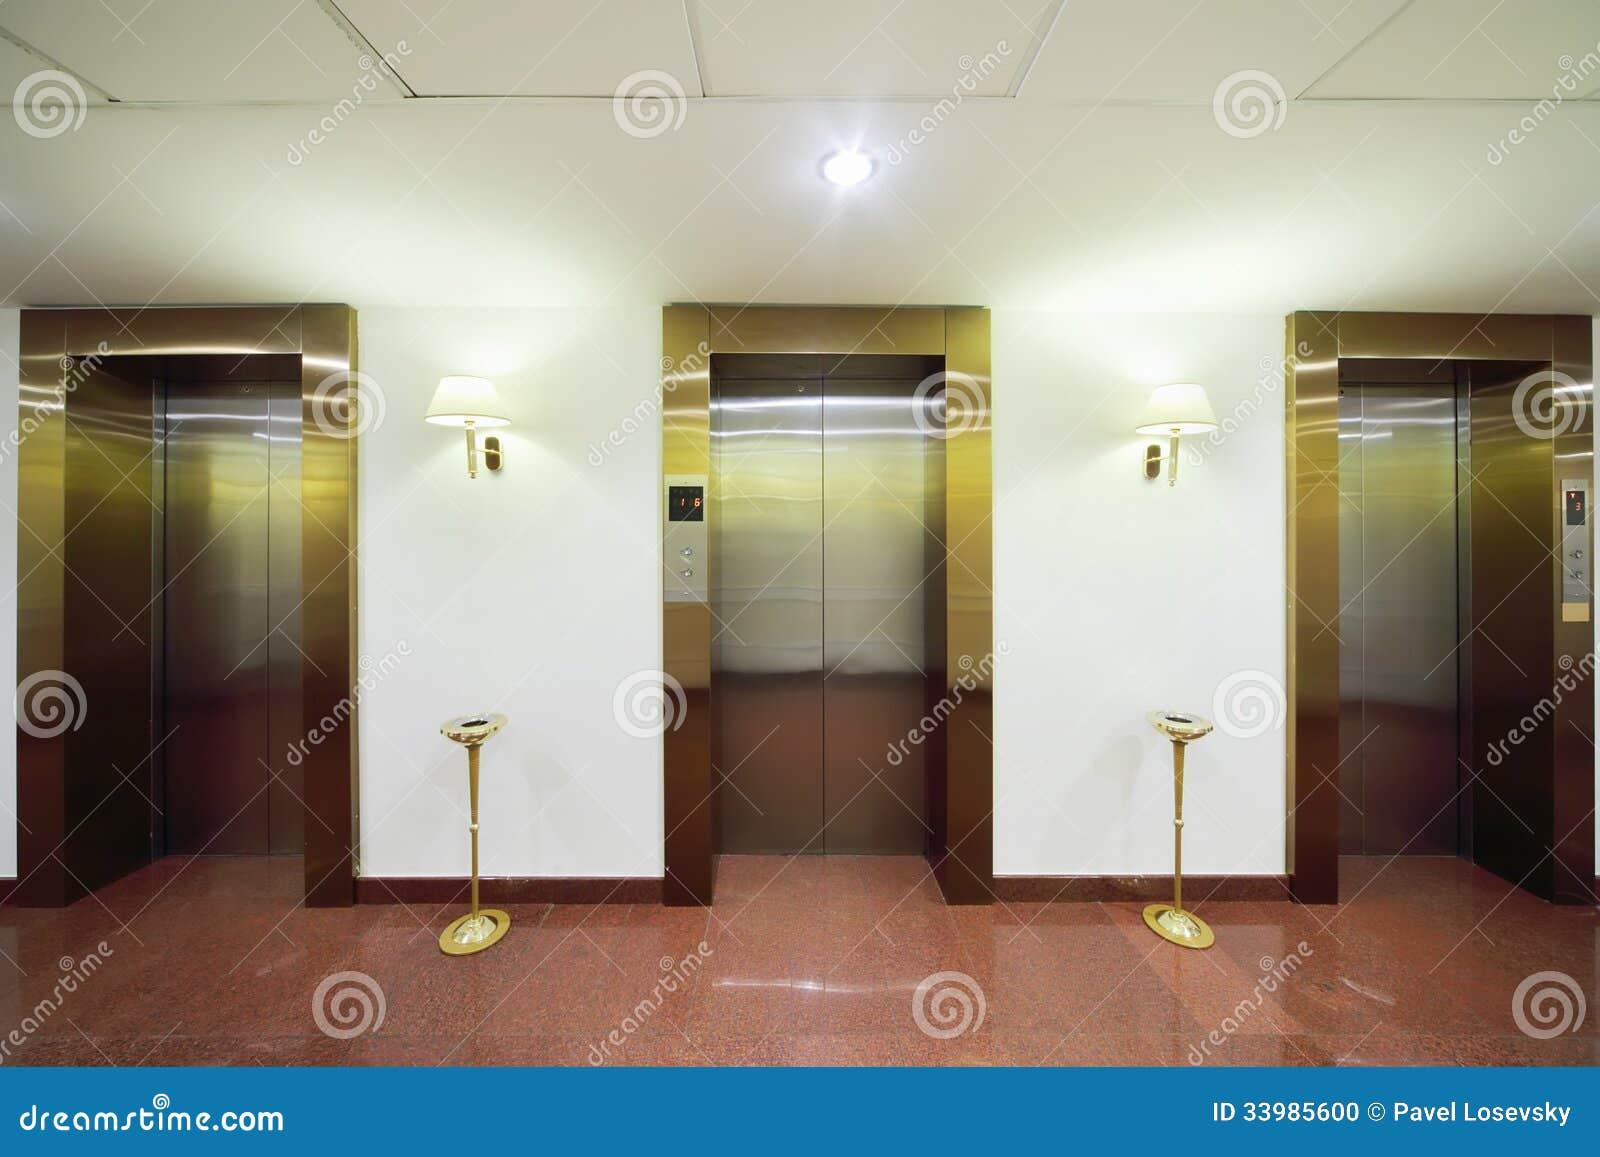 Download Metal doors to elevators stock illustration. Illustration of doorway - 33985600